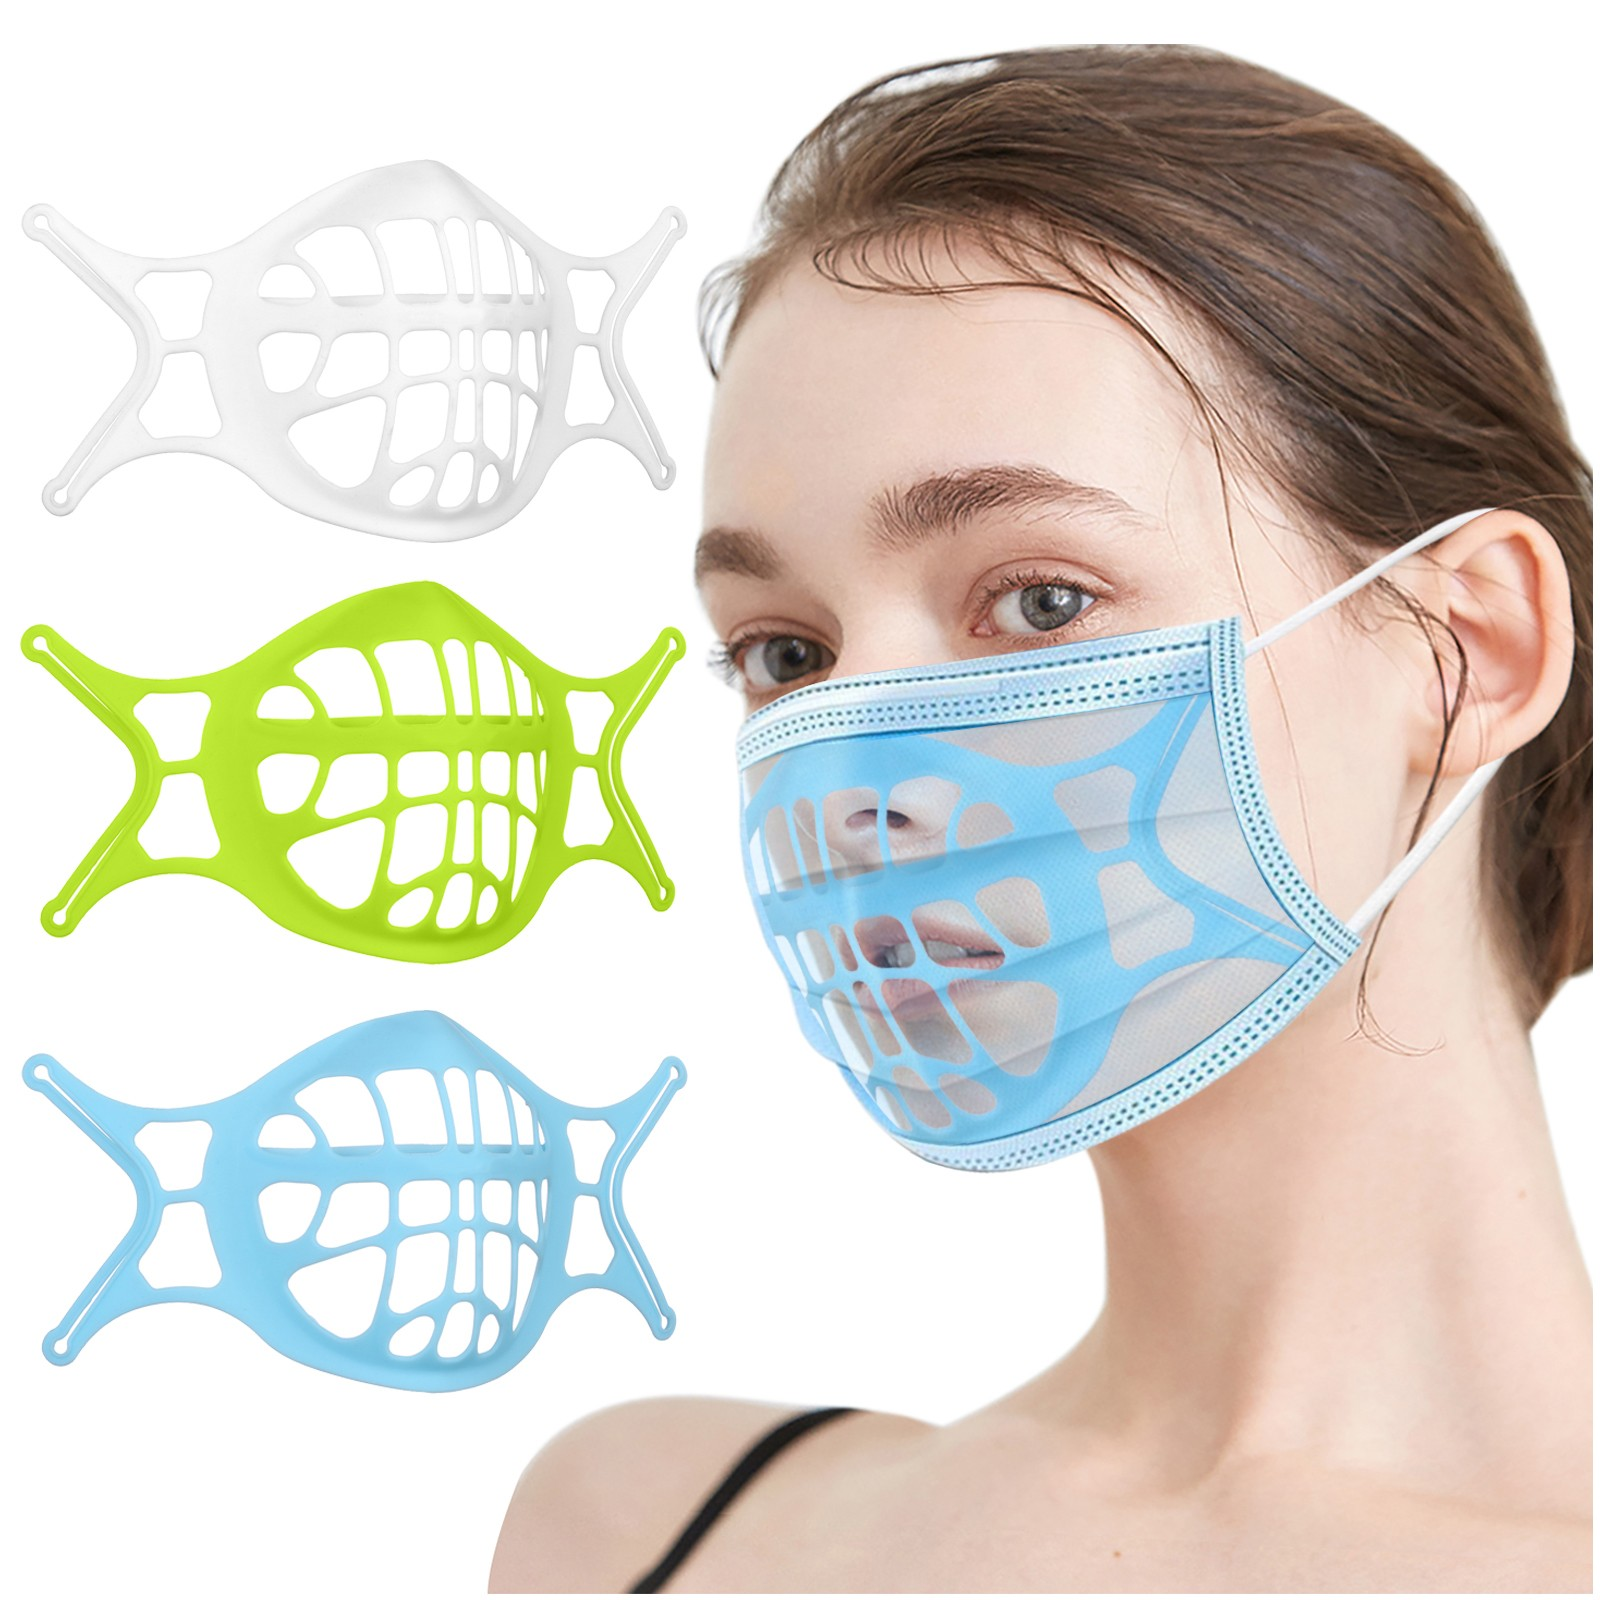 Кронштейн для маски 3d, мягкий силиконовый кронштейн для маски для лица, держатель для дышащей маски для рта, поддерживающая рама, вальвингов...